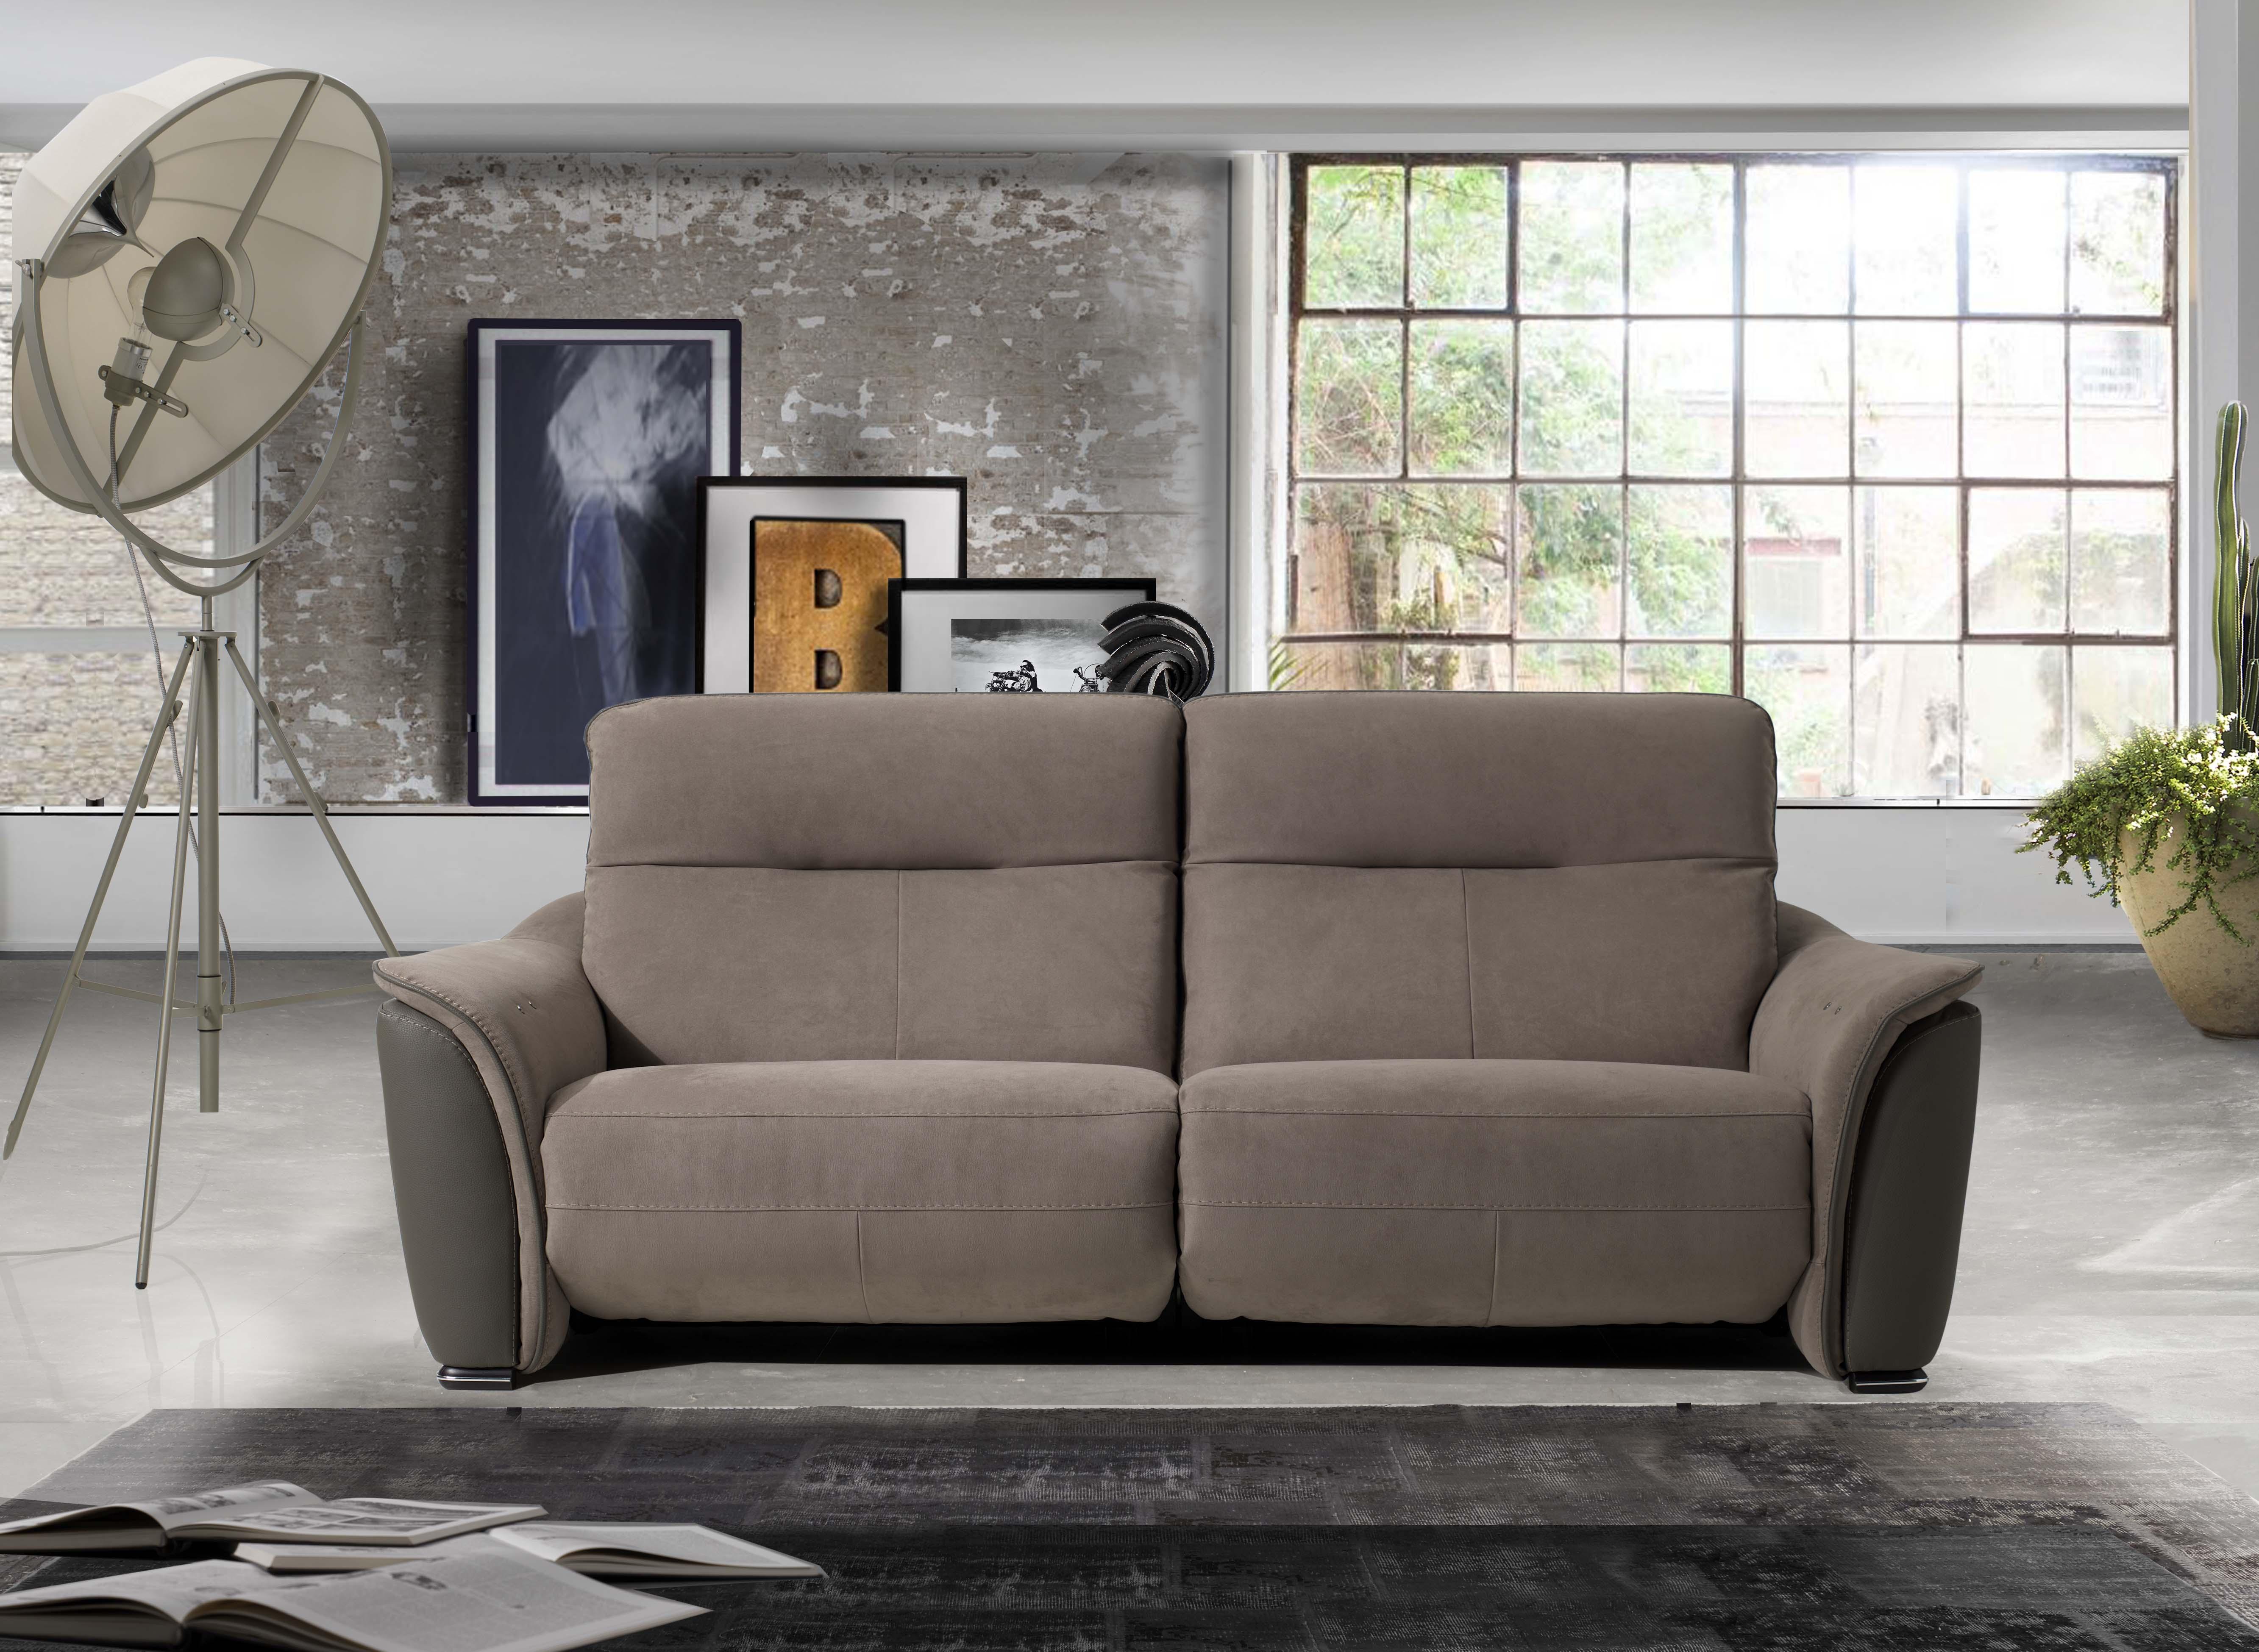 vista frontale di un divano con lampadina e finestra interna